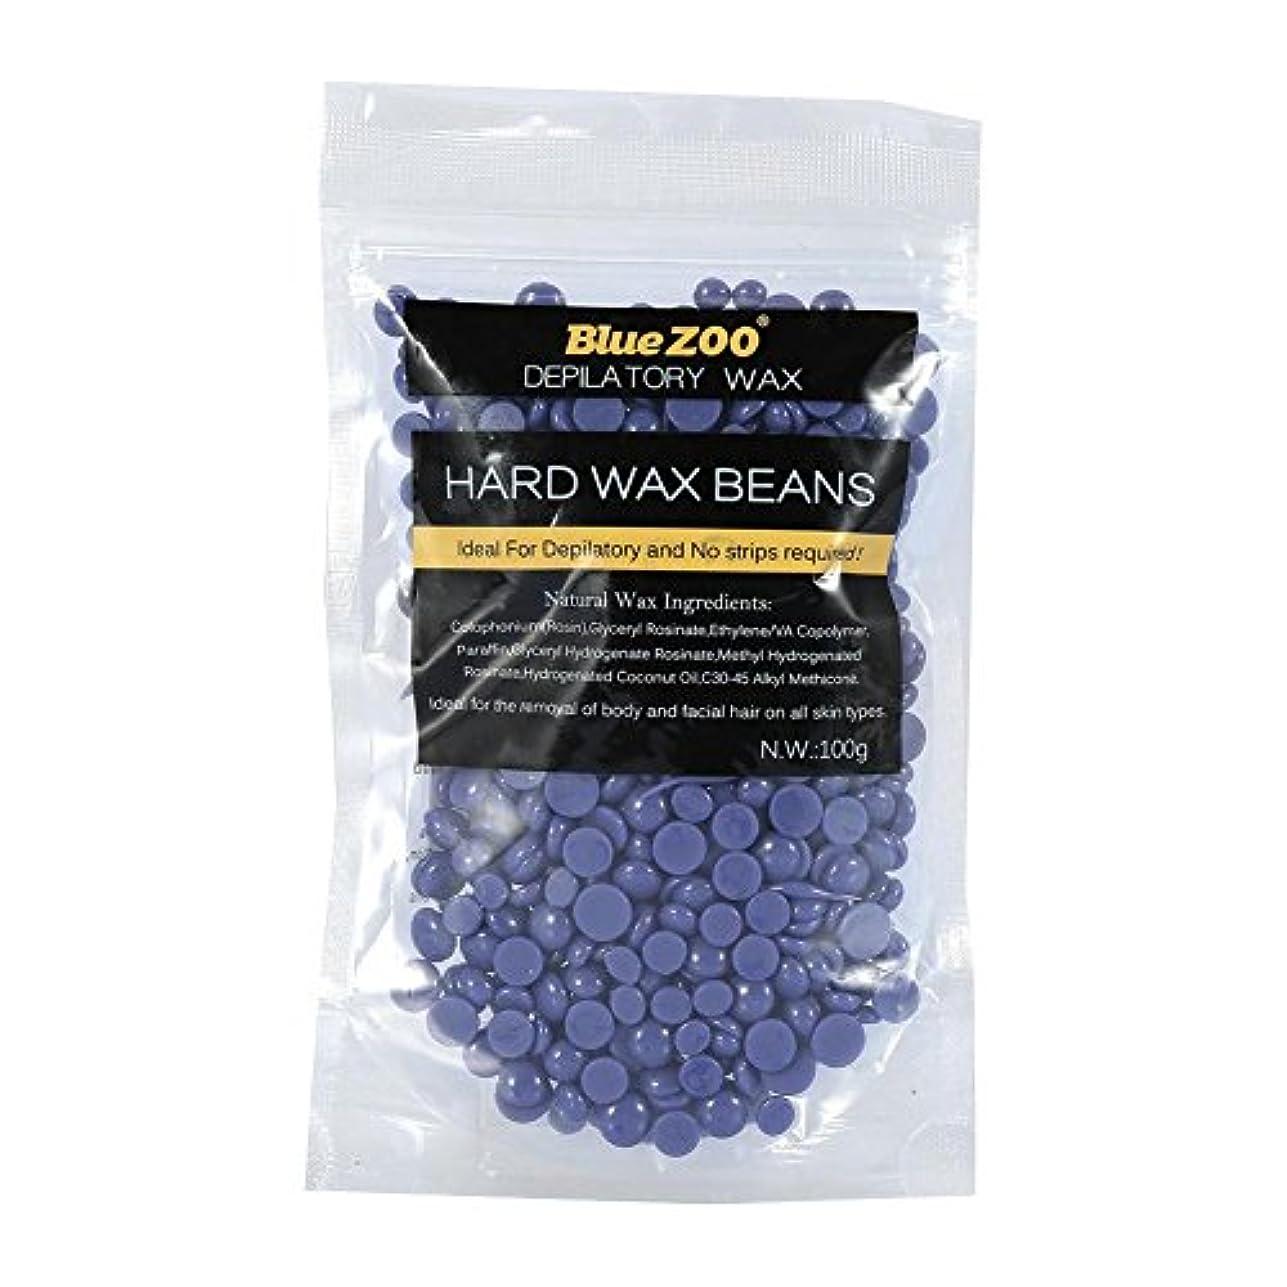 ワックス脱毛ワックスヒーター+ 4 x 100g異なるワックス豆+ 10個ワックススティックプロフェッショナルワックス脱毛セット(ラベンダー)